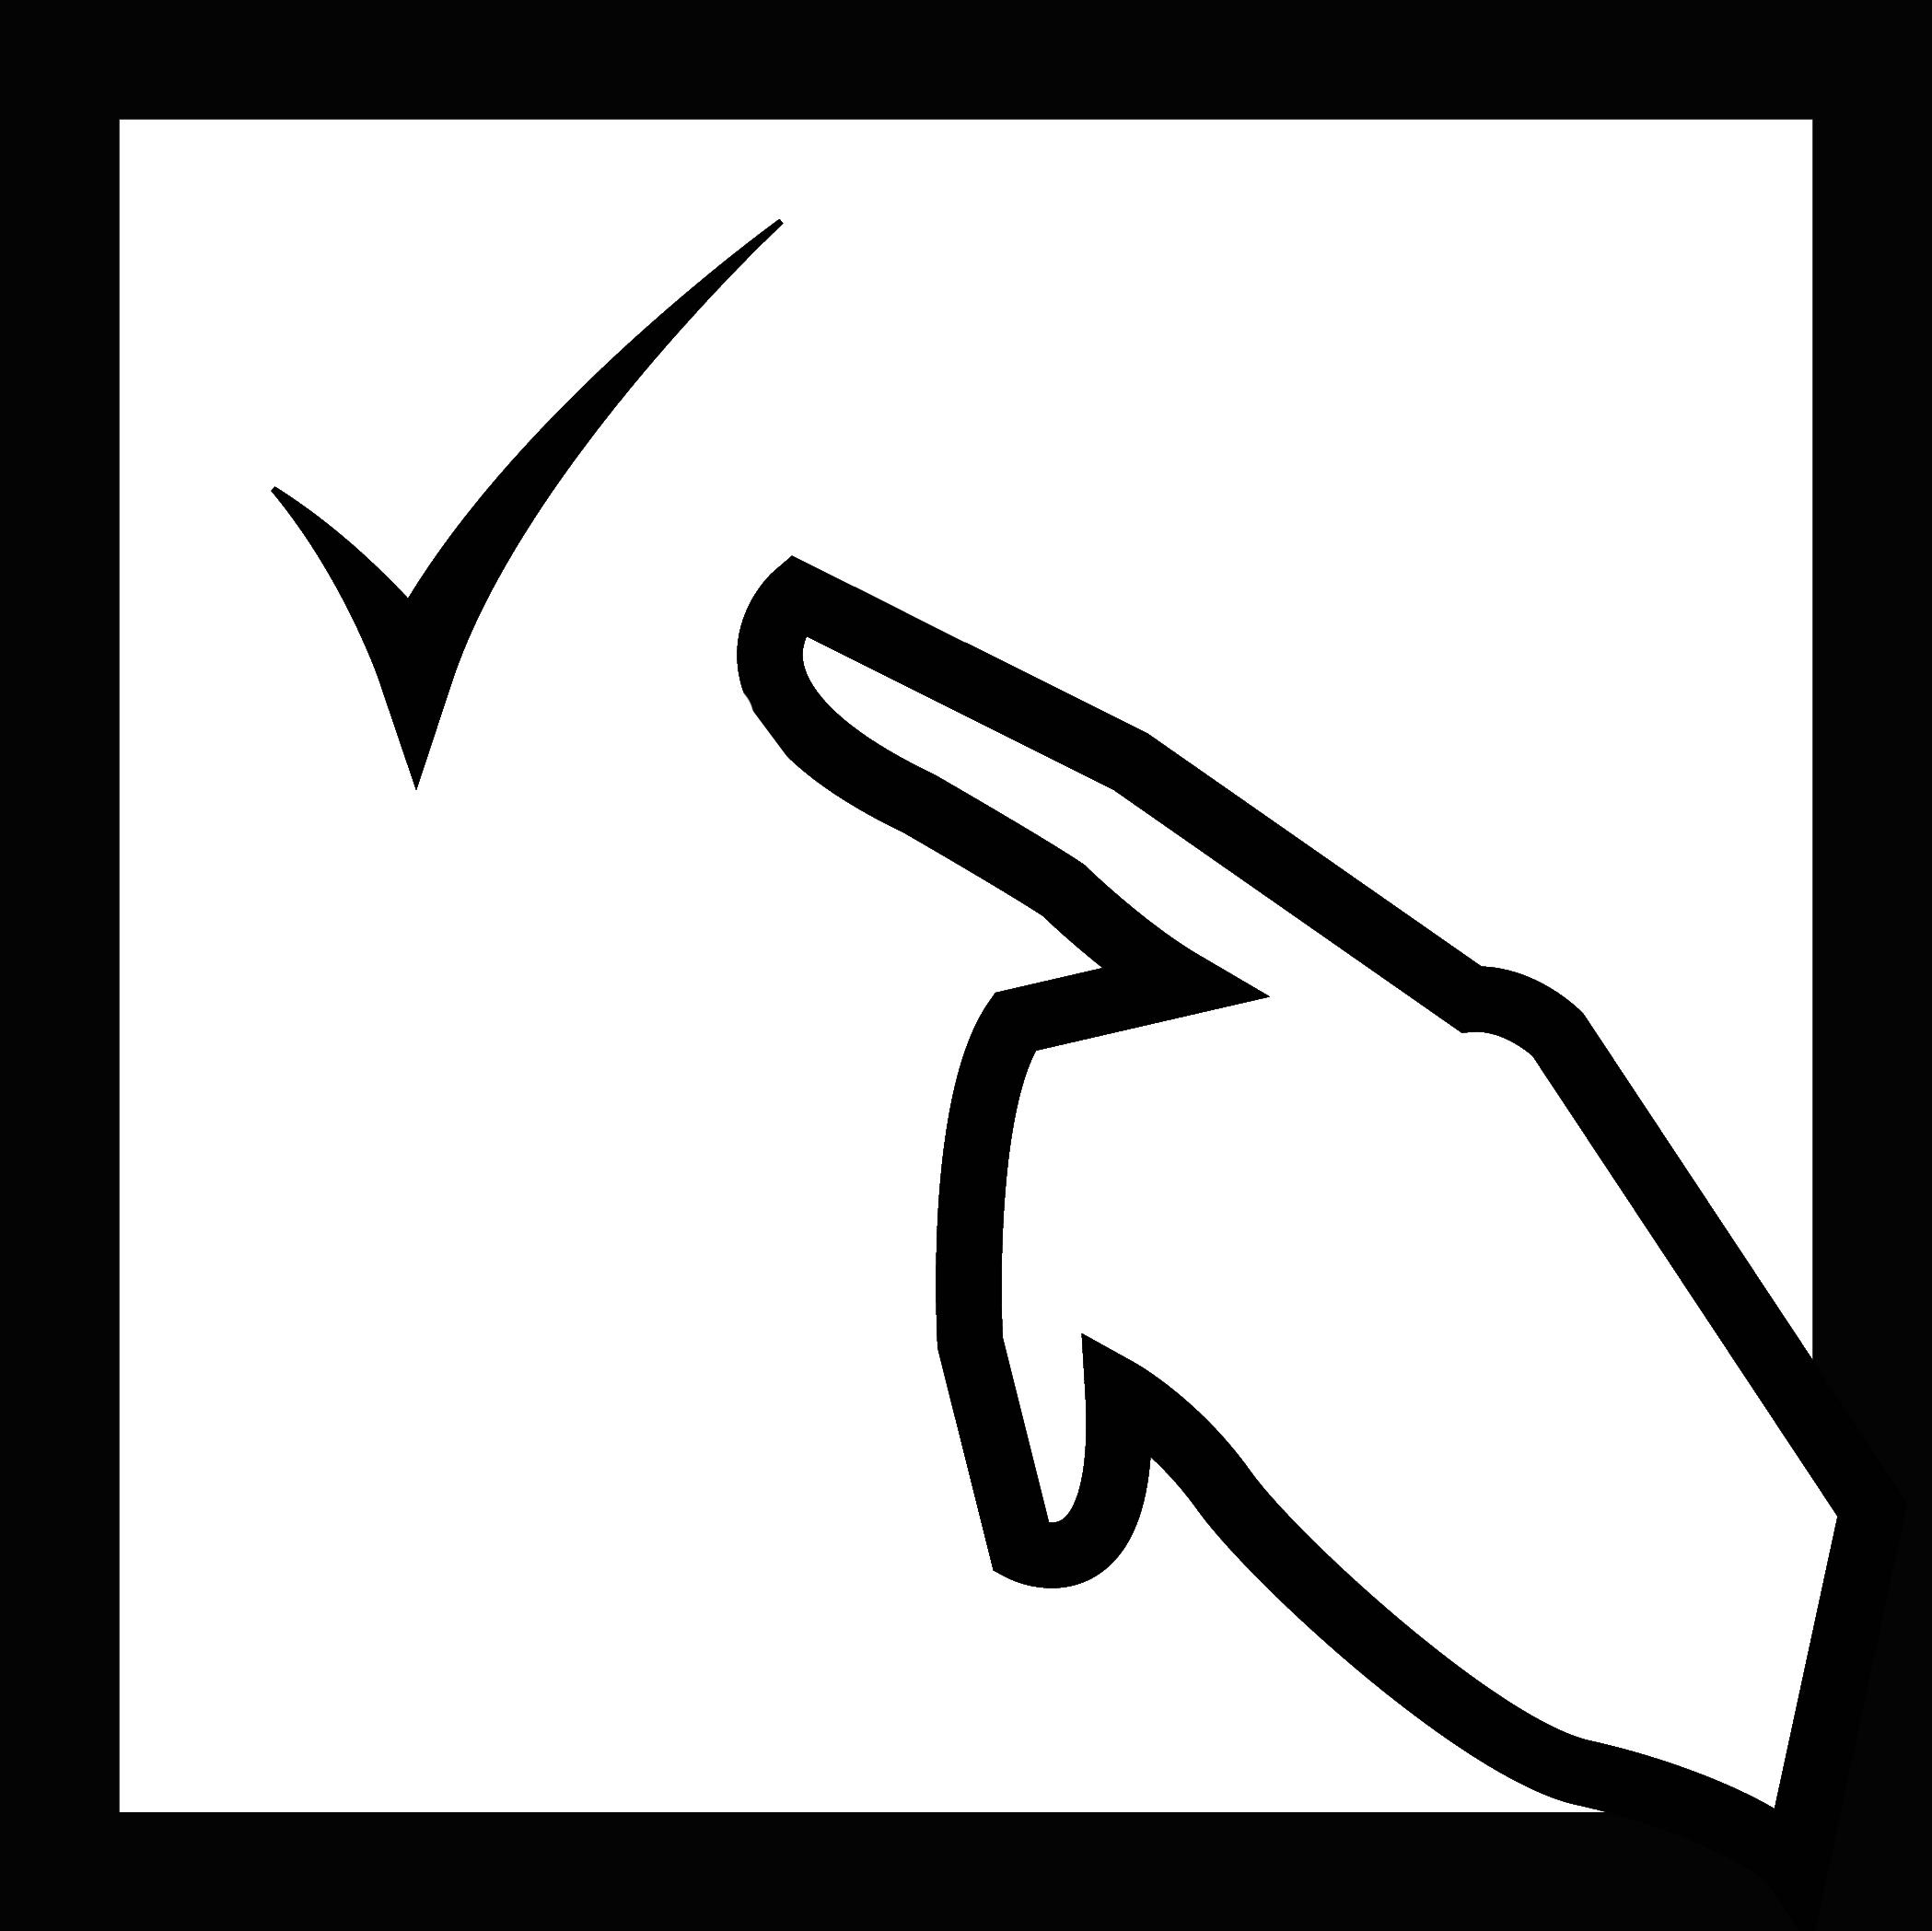 Larp No pain (dotyczy wszystkich graczy) – dopuszczalny jest wyłącznie dotyk, który nie powoduje dyskomfortu u innego gracza